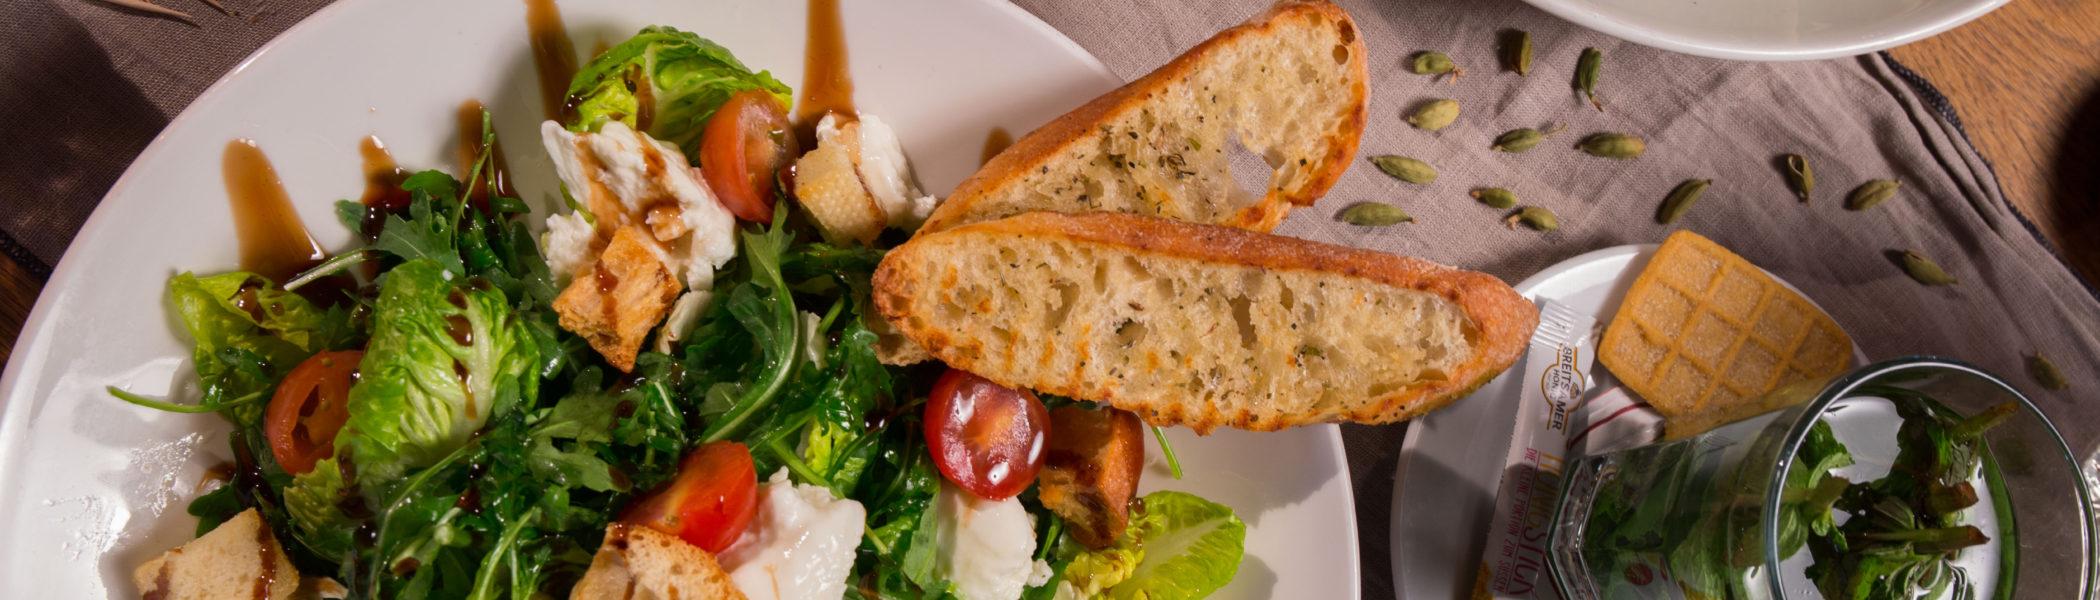 restaurant-zaandam-manzo-bar-bistro-menu-salade-munt-thee